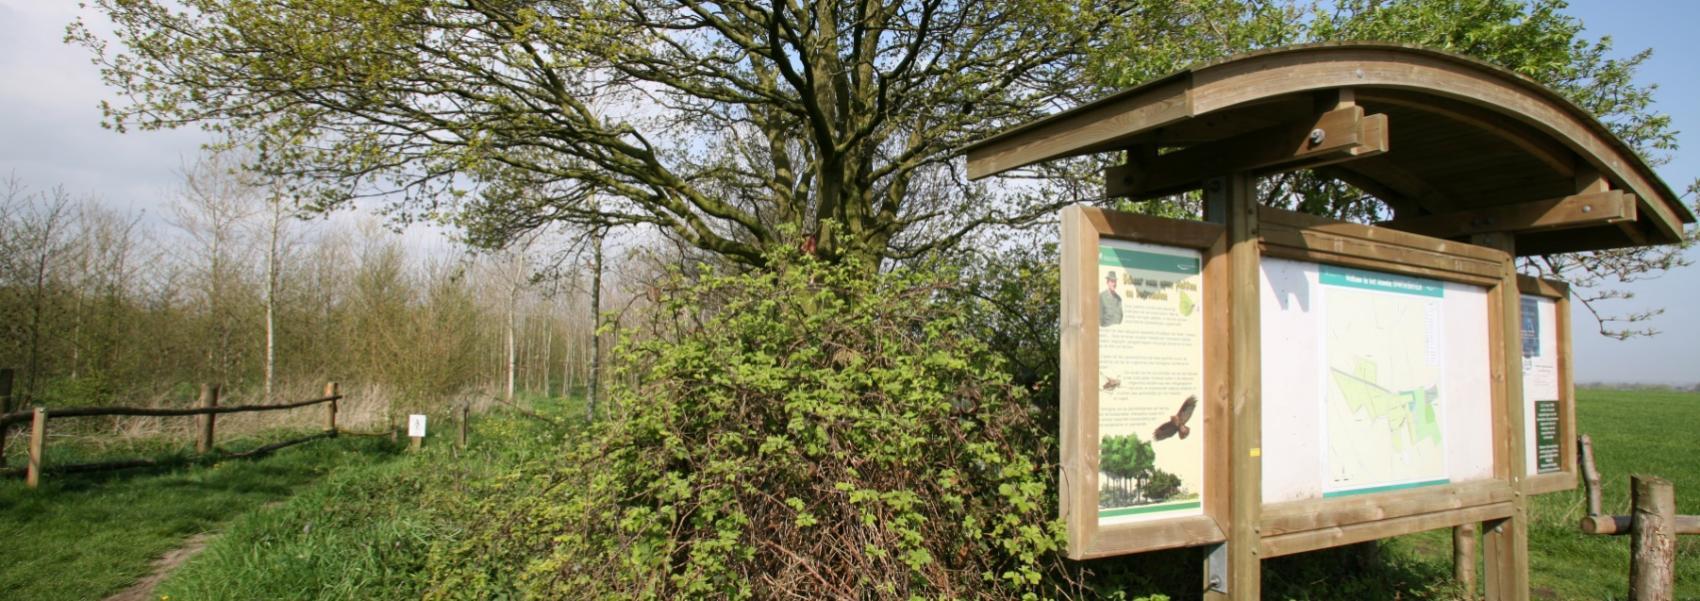 infobord naast een boom